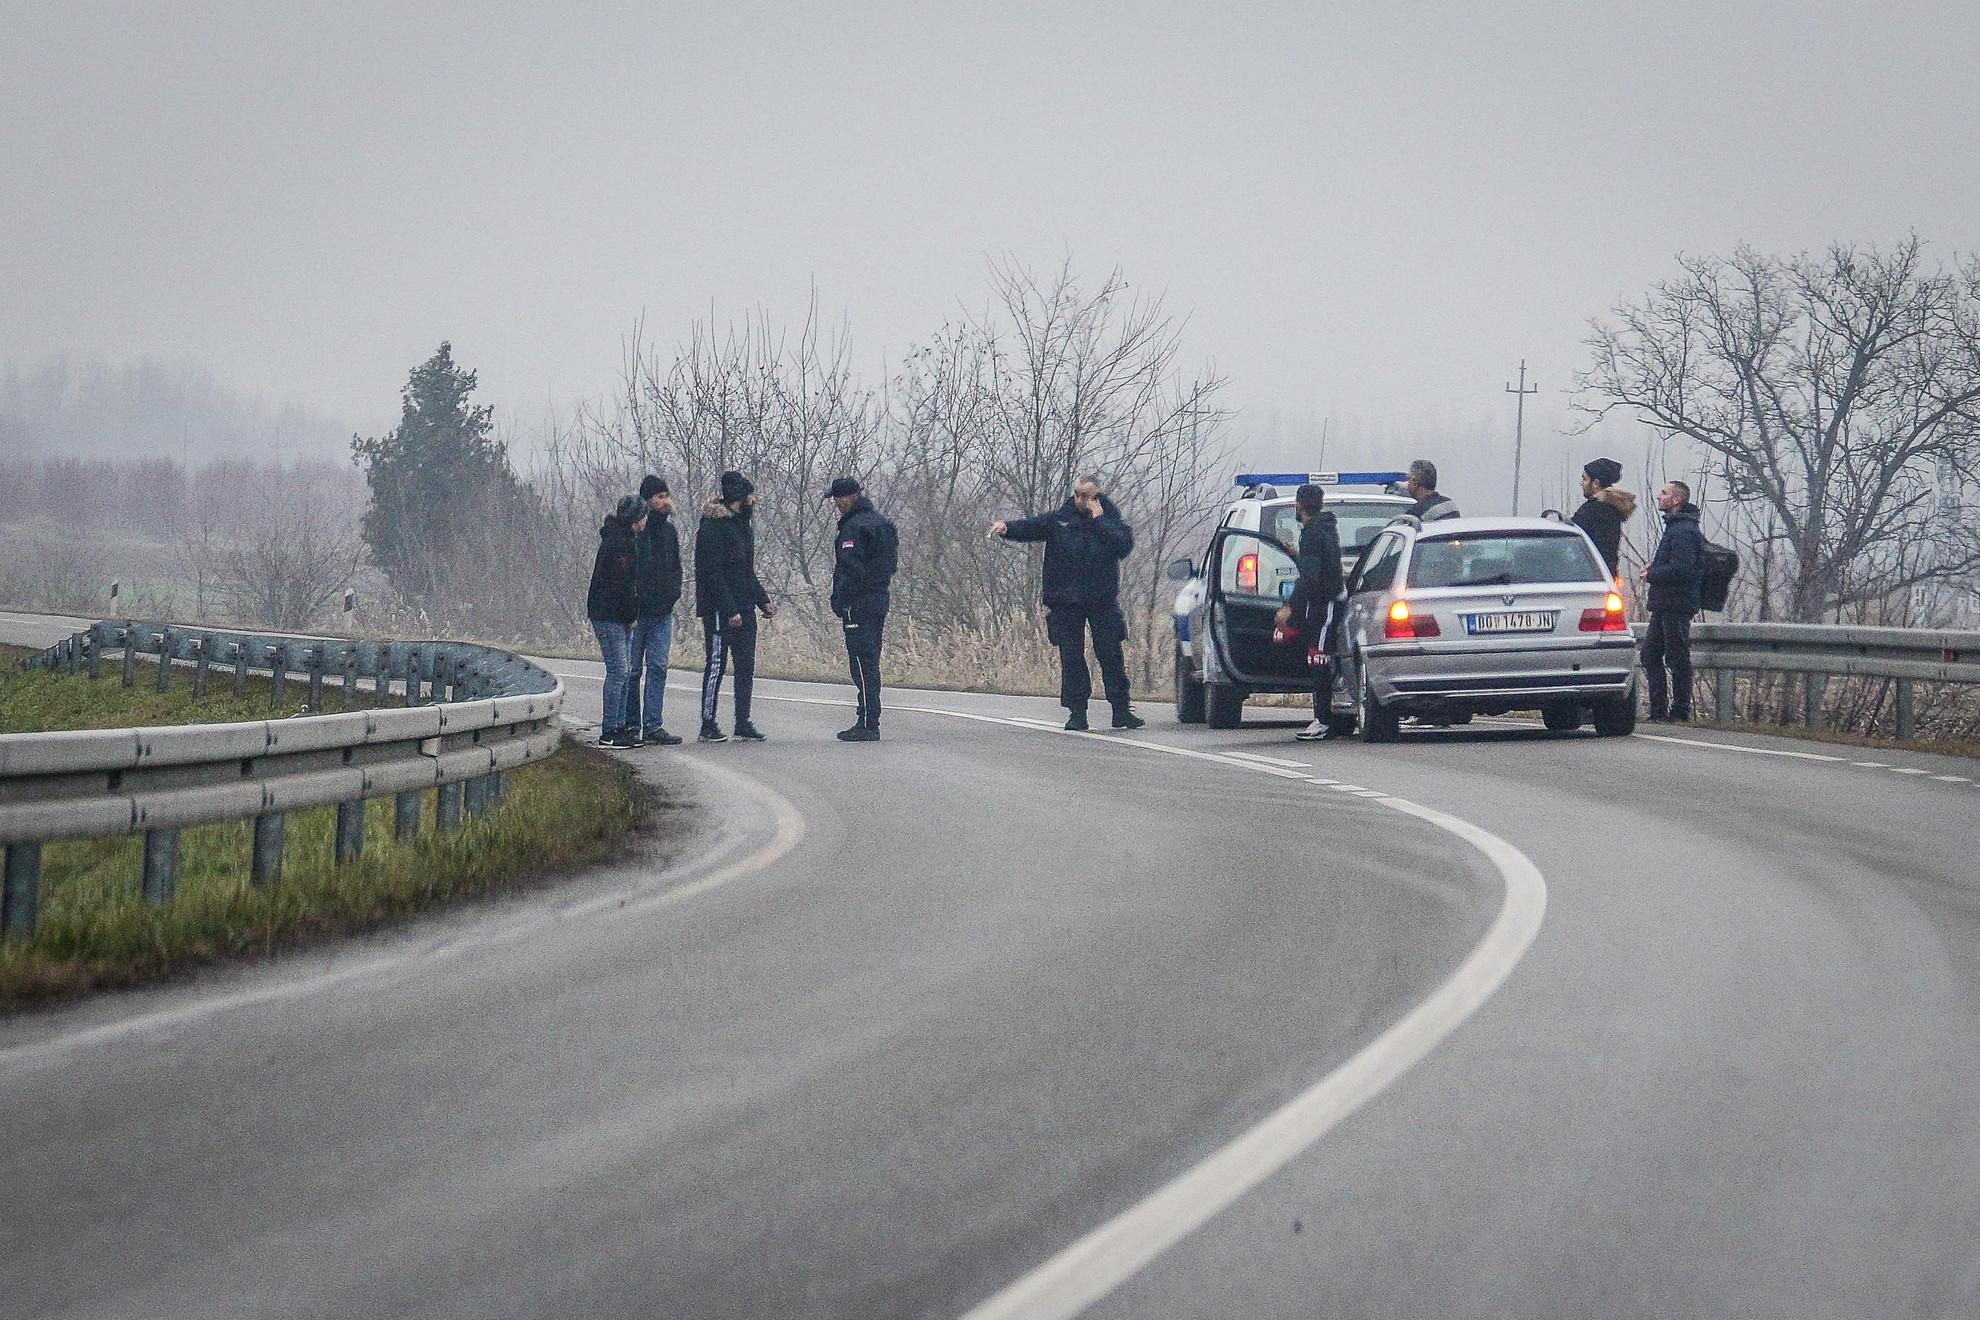 Vajon mit akartak, hogy képzelték a jövőt? (Embercsempészek és ügyfeleik lekapcsolása a szerb-magyar határtól alig ötszáz méterre.)